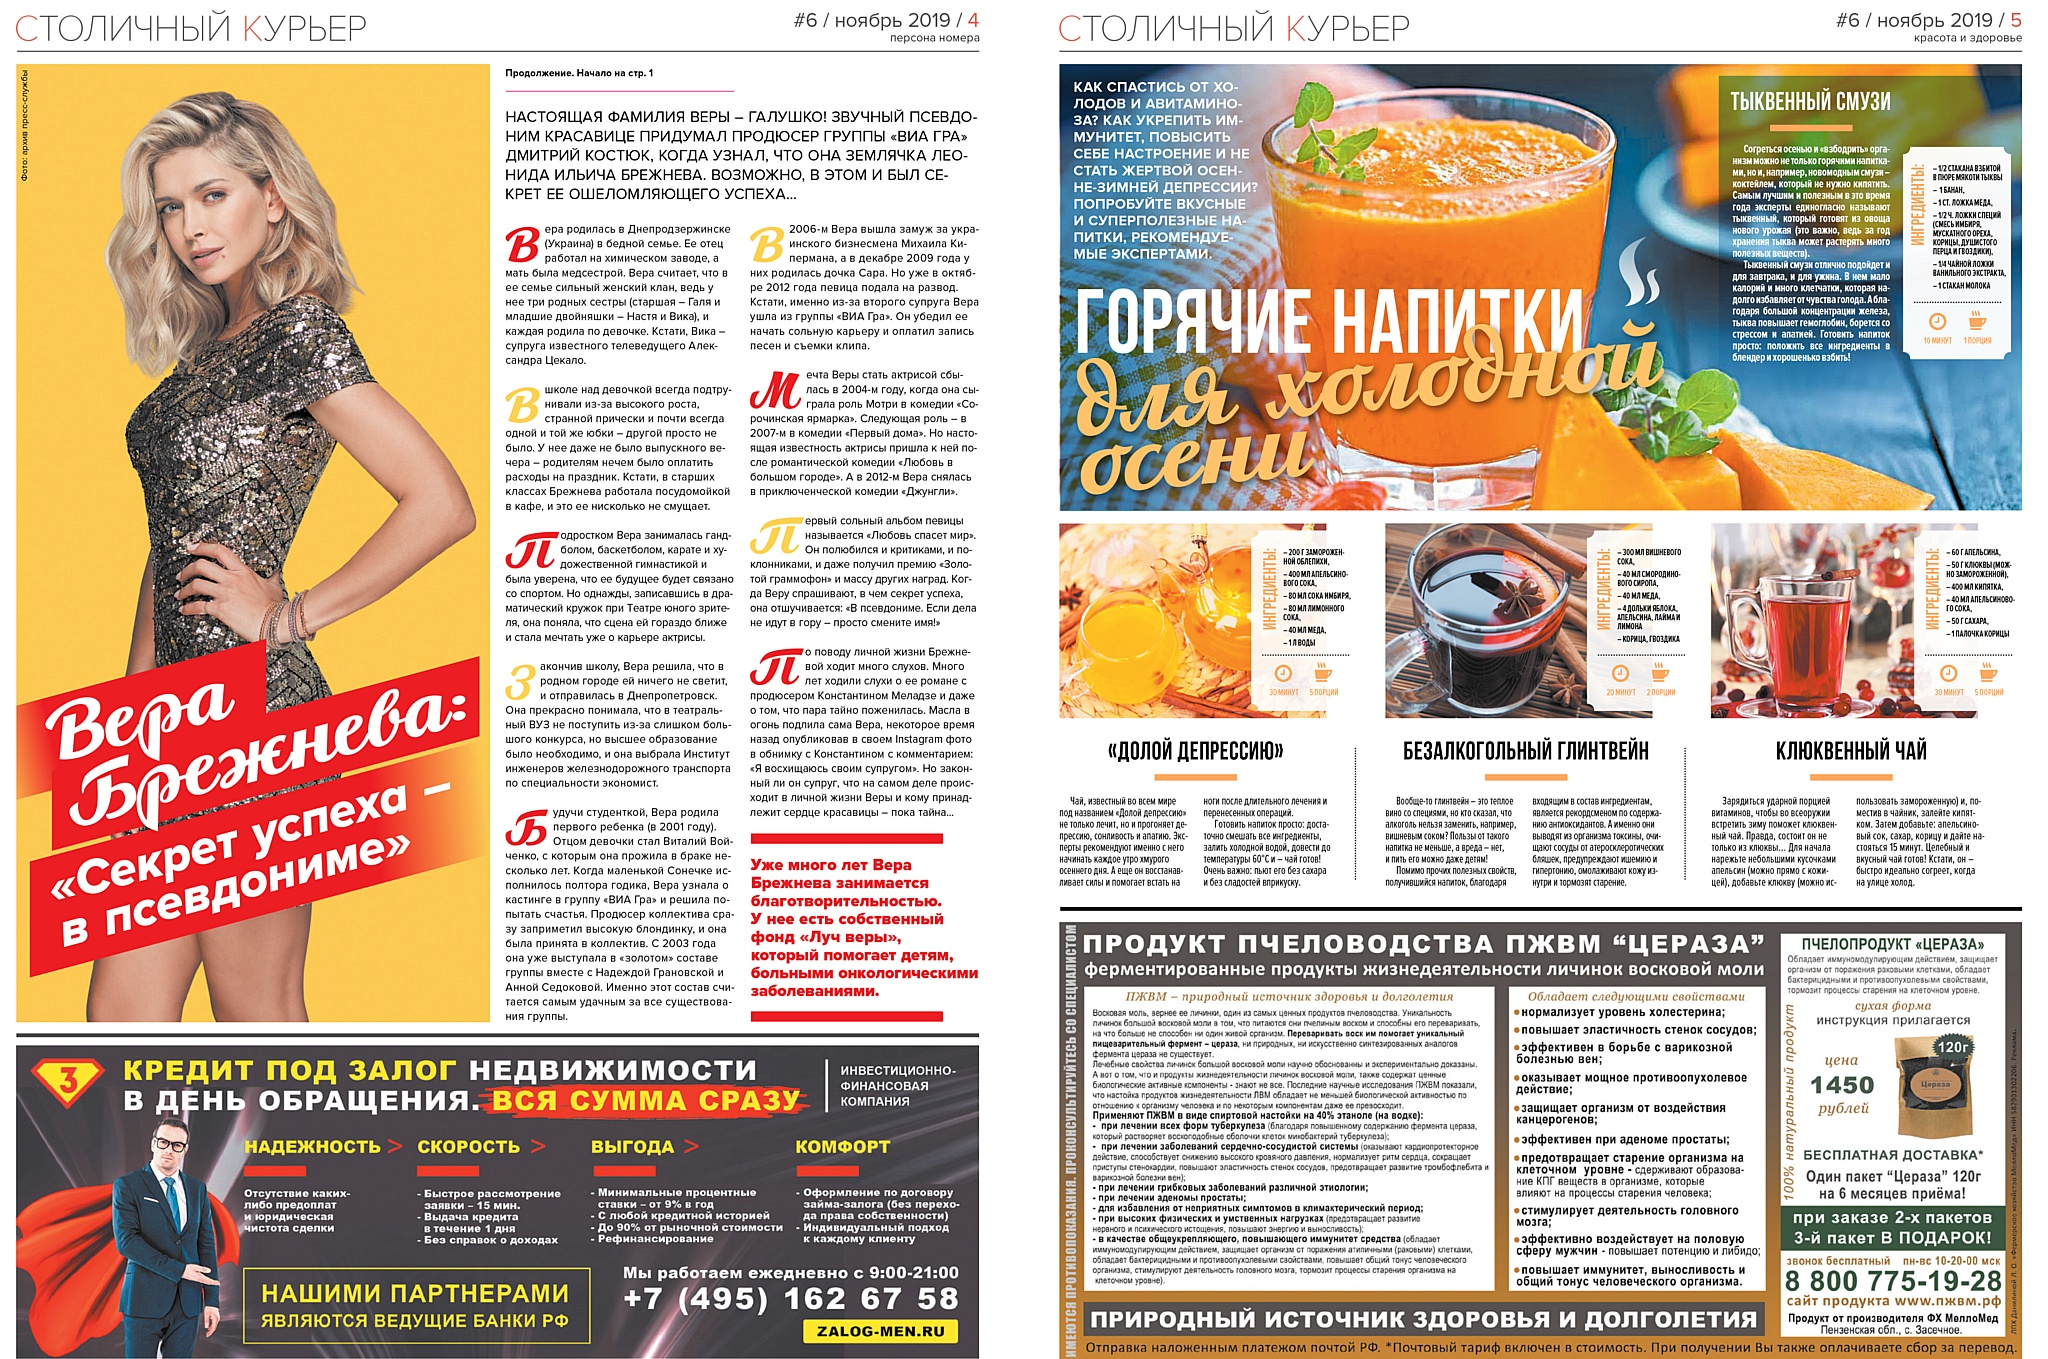 Вышел шестой, ноябрьский, номер газеты «Столичный курьер»